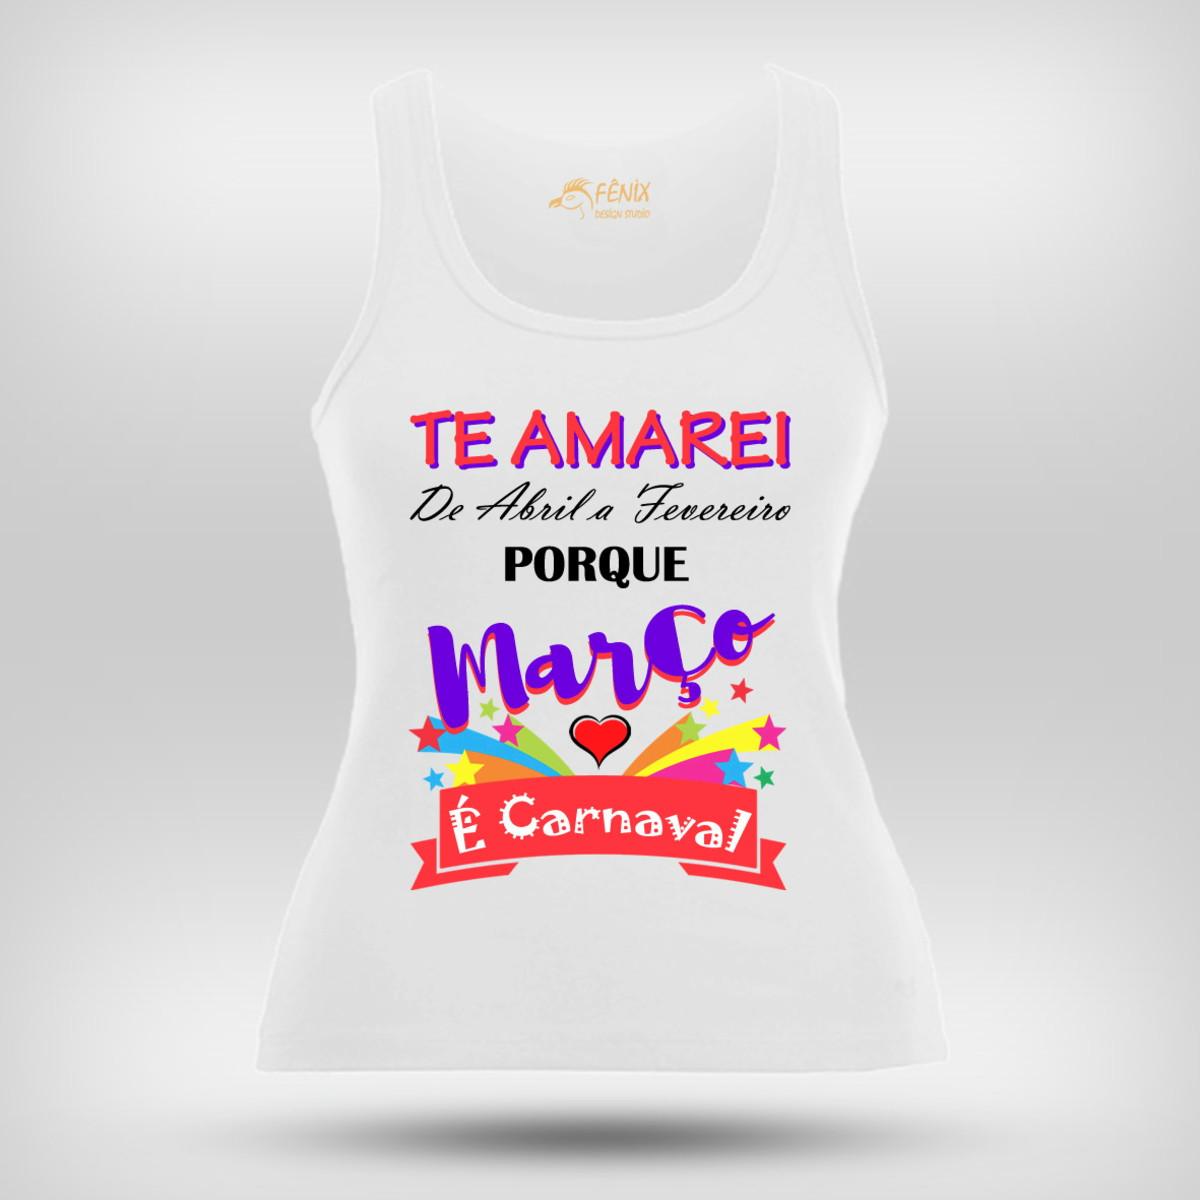 809d55c602f51 Regata Masculina ou Feminina Carnaval Promoção no Elo7